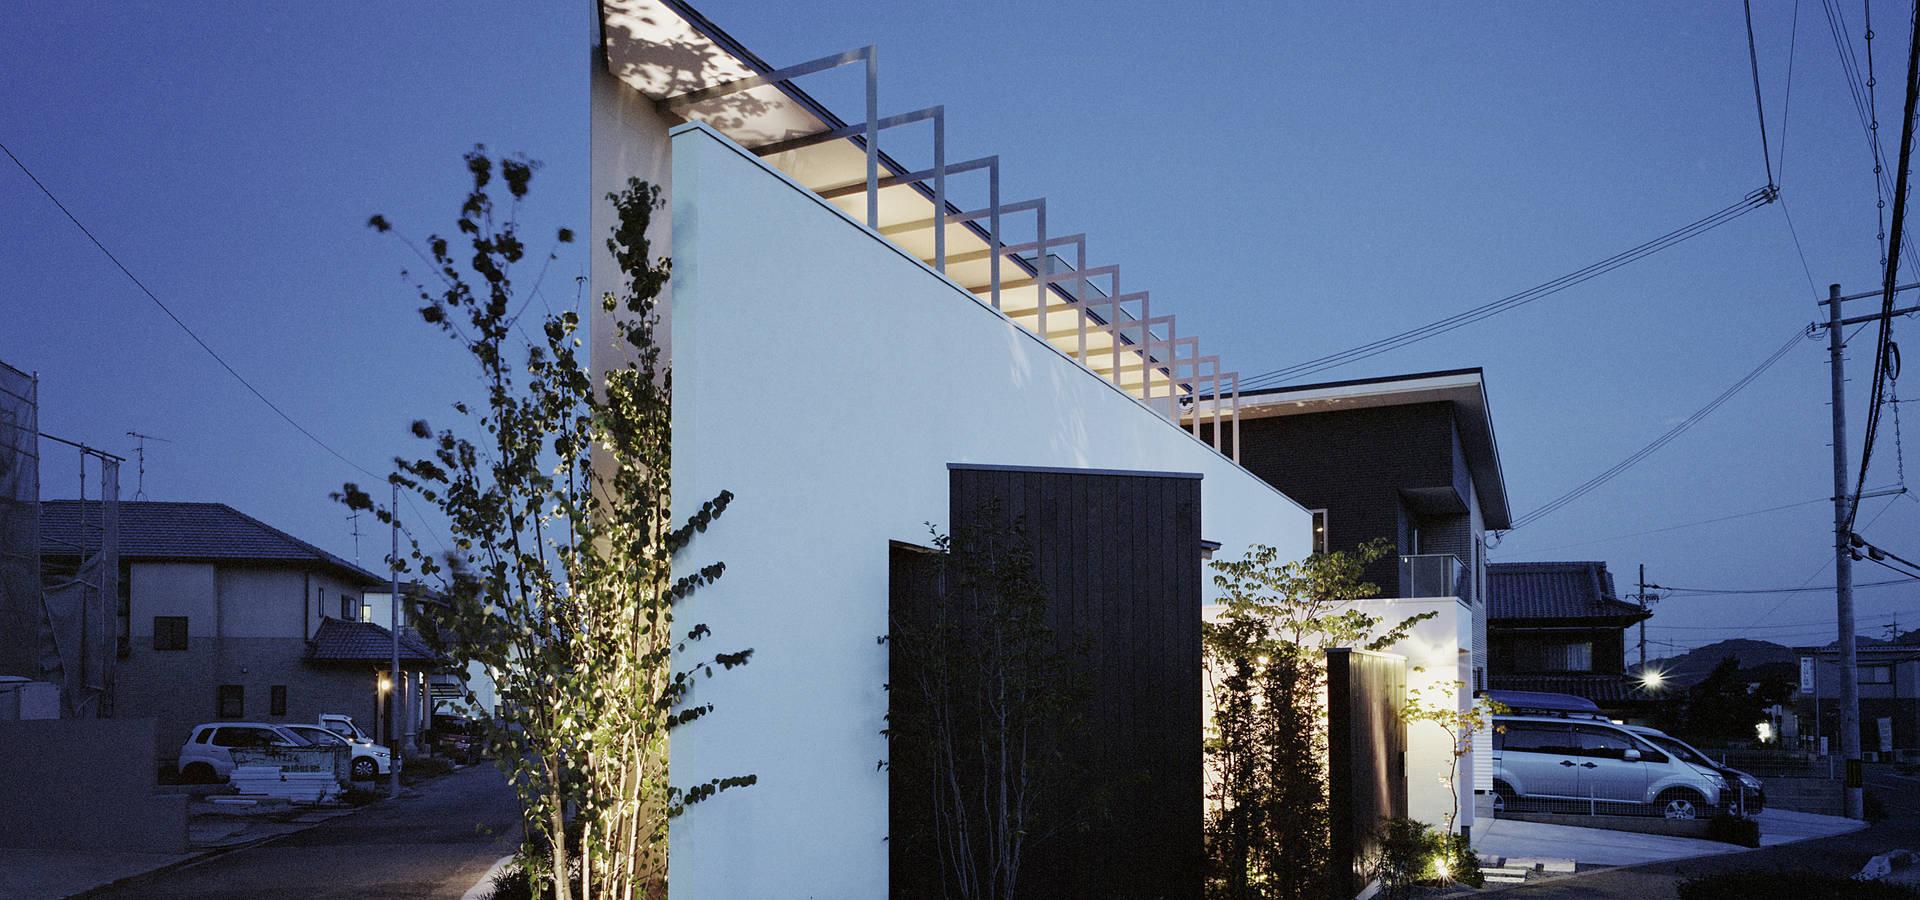 和泉屋勘兵衛建築デザイン室